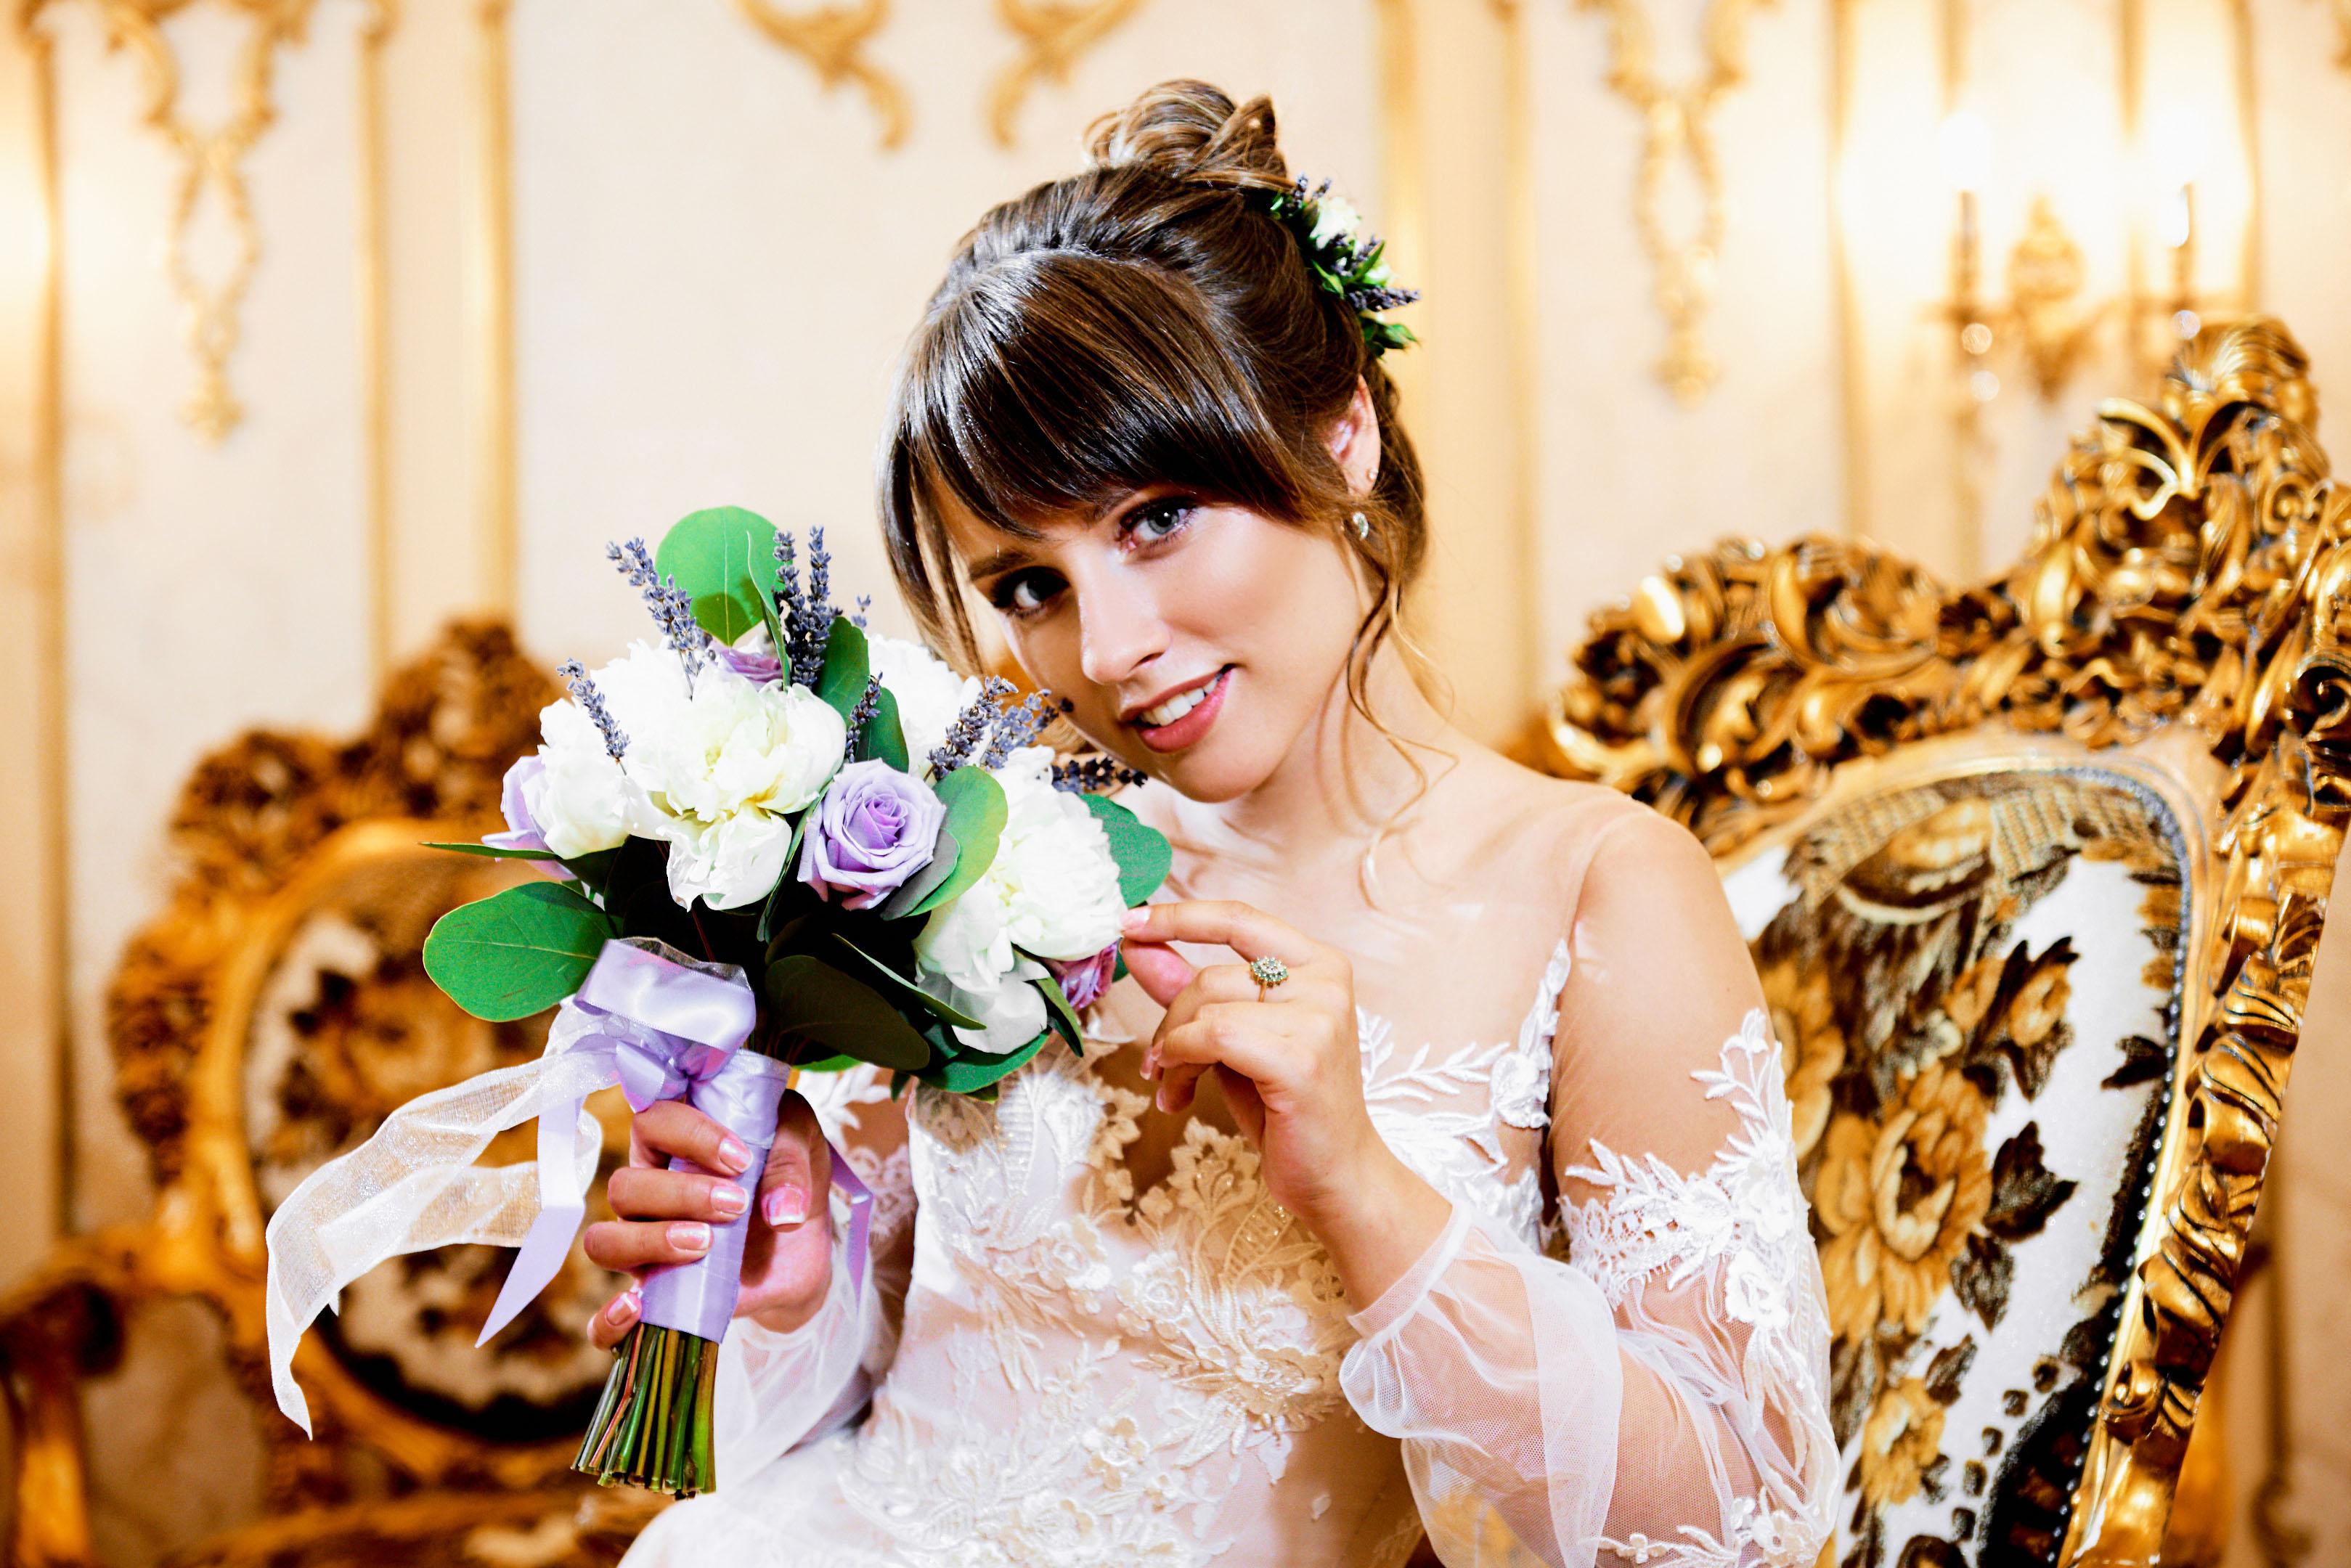 Свадебная фотосессия в фотостудии, свадебный фотограф Пушкин